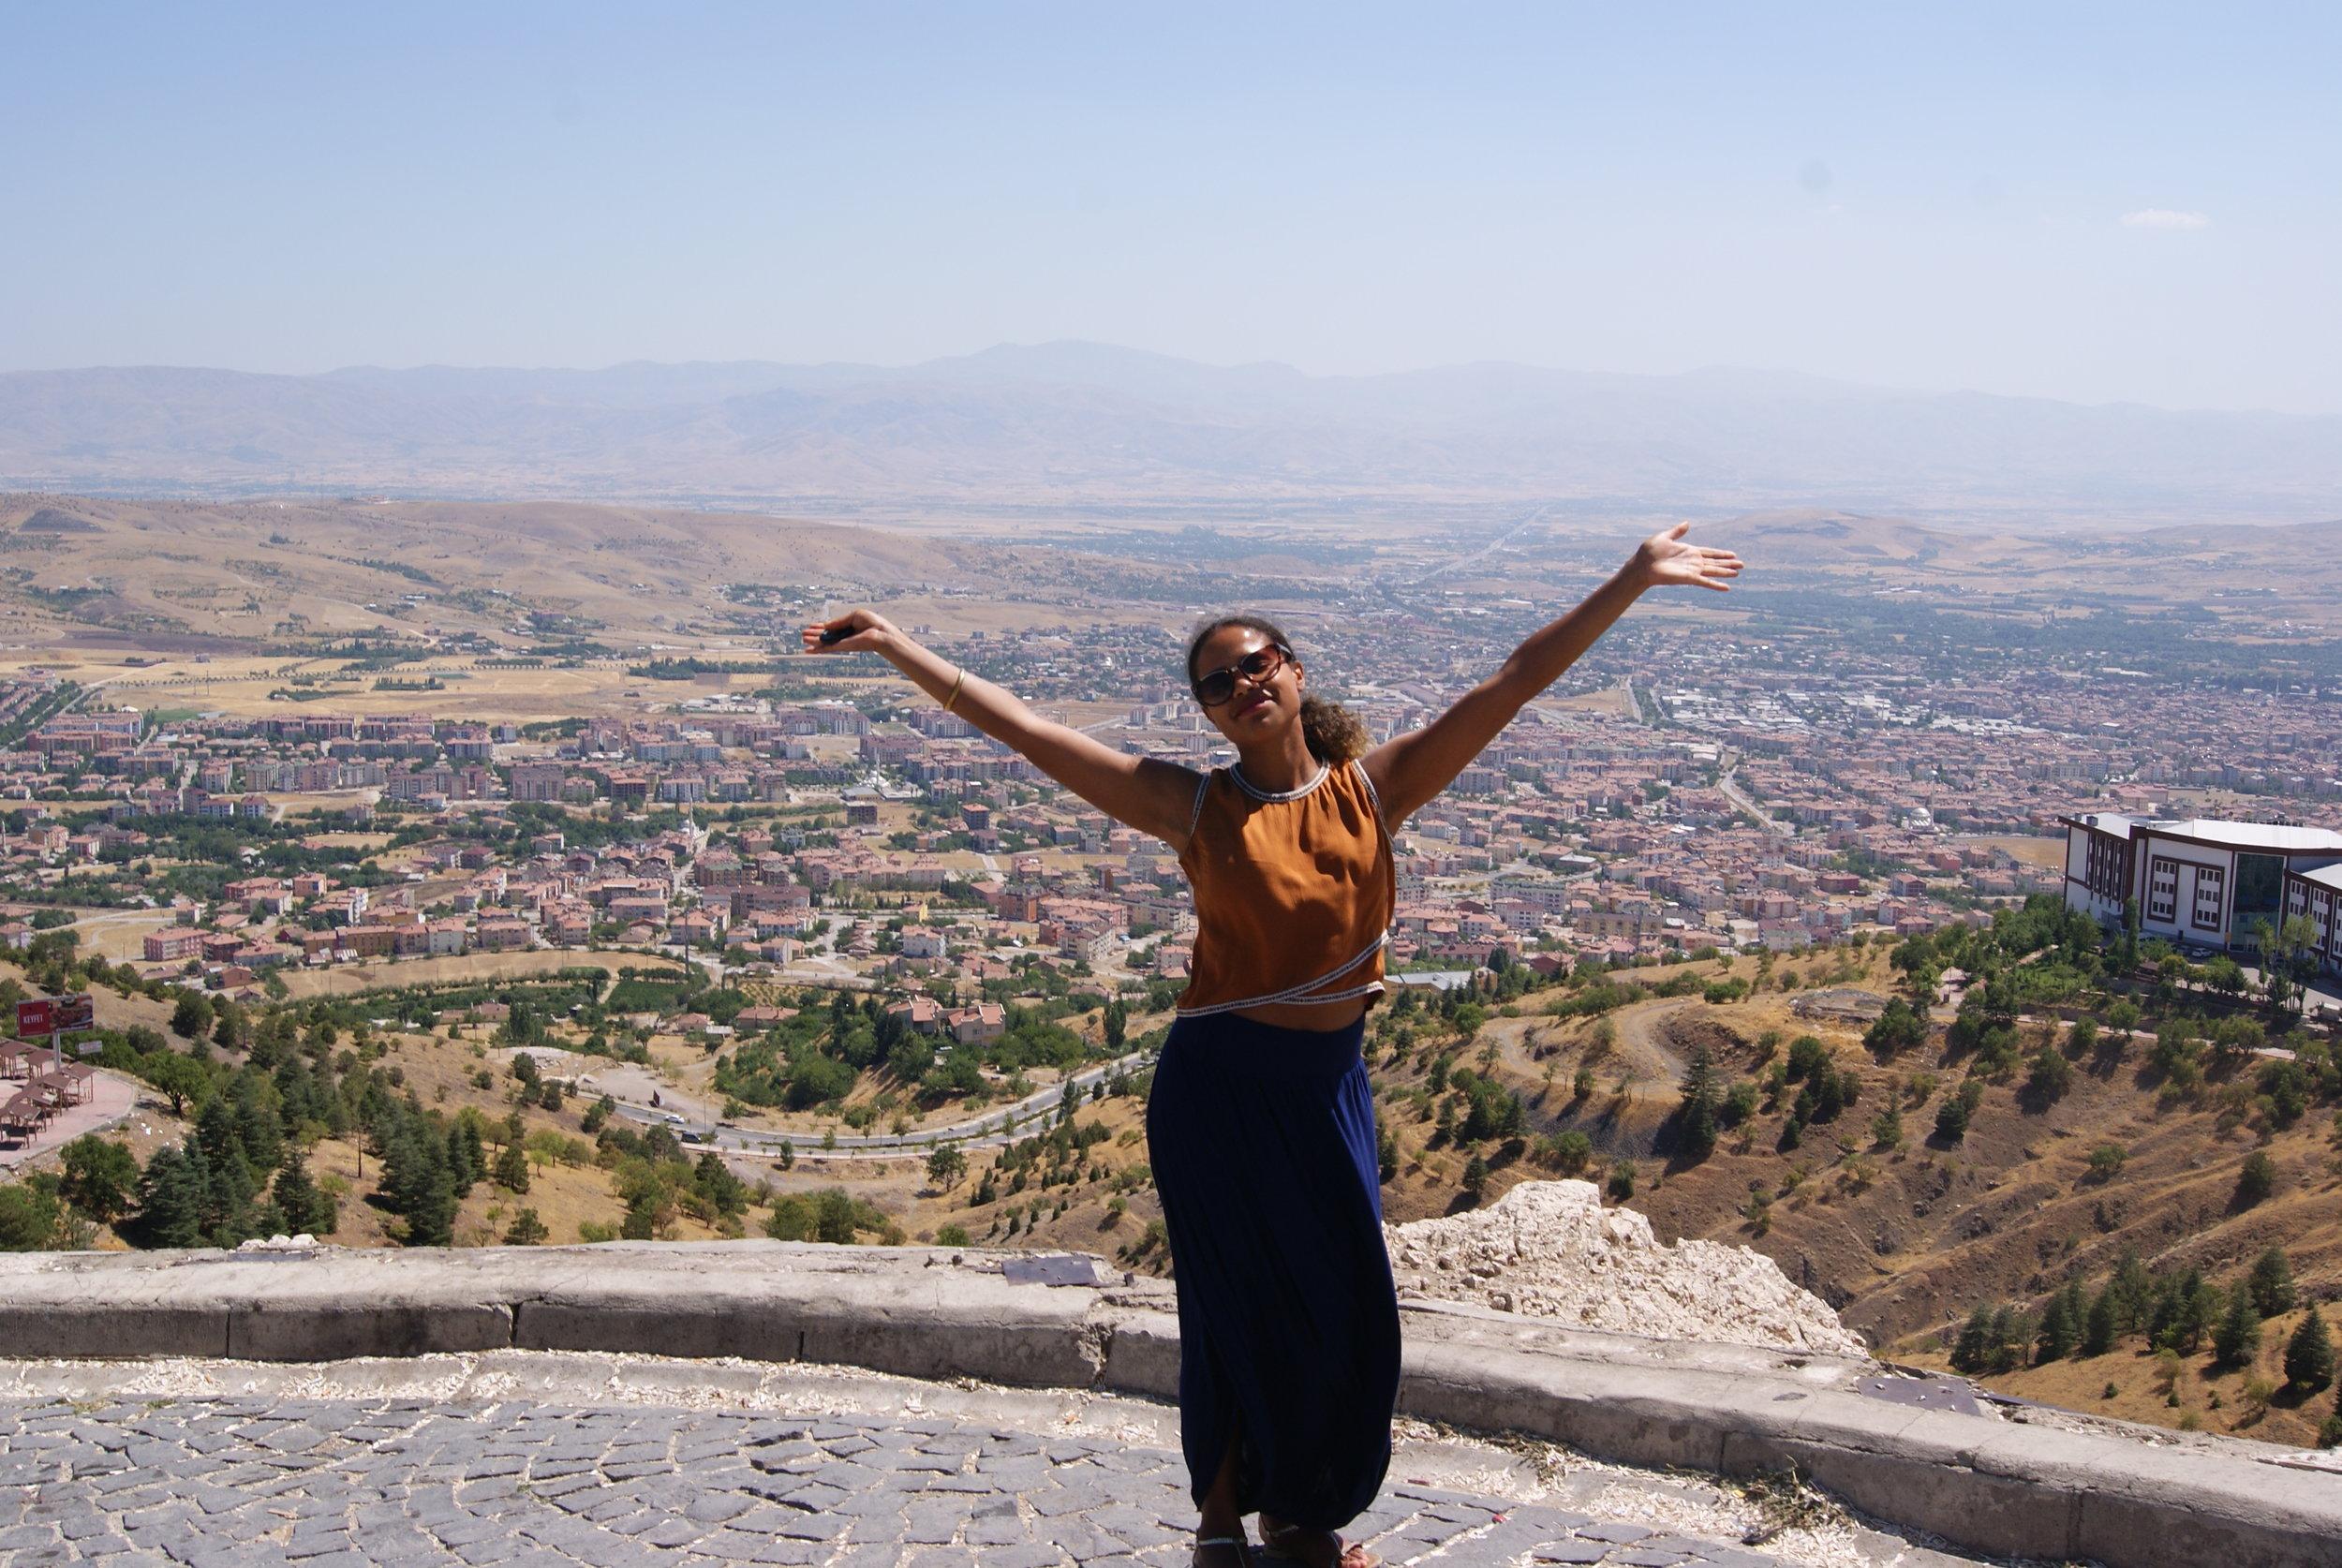 Me in Elazig, Turkey 2016